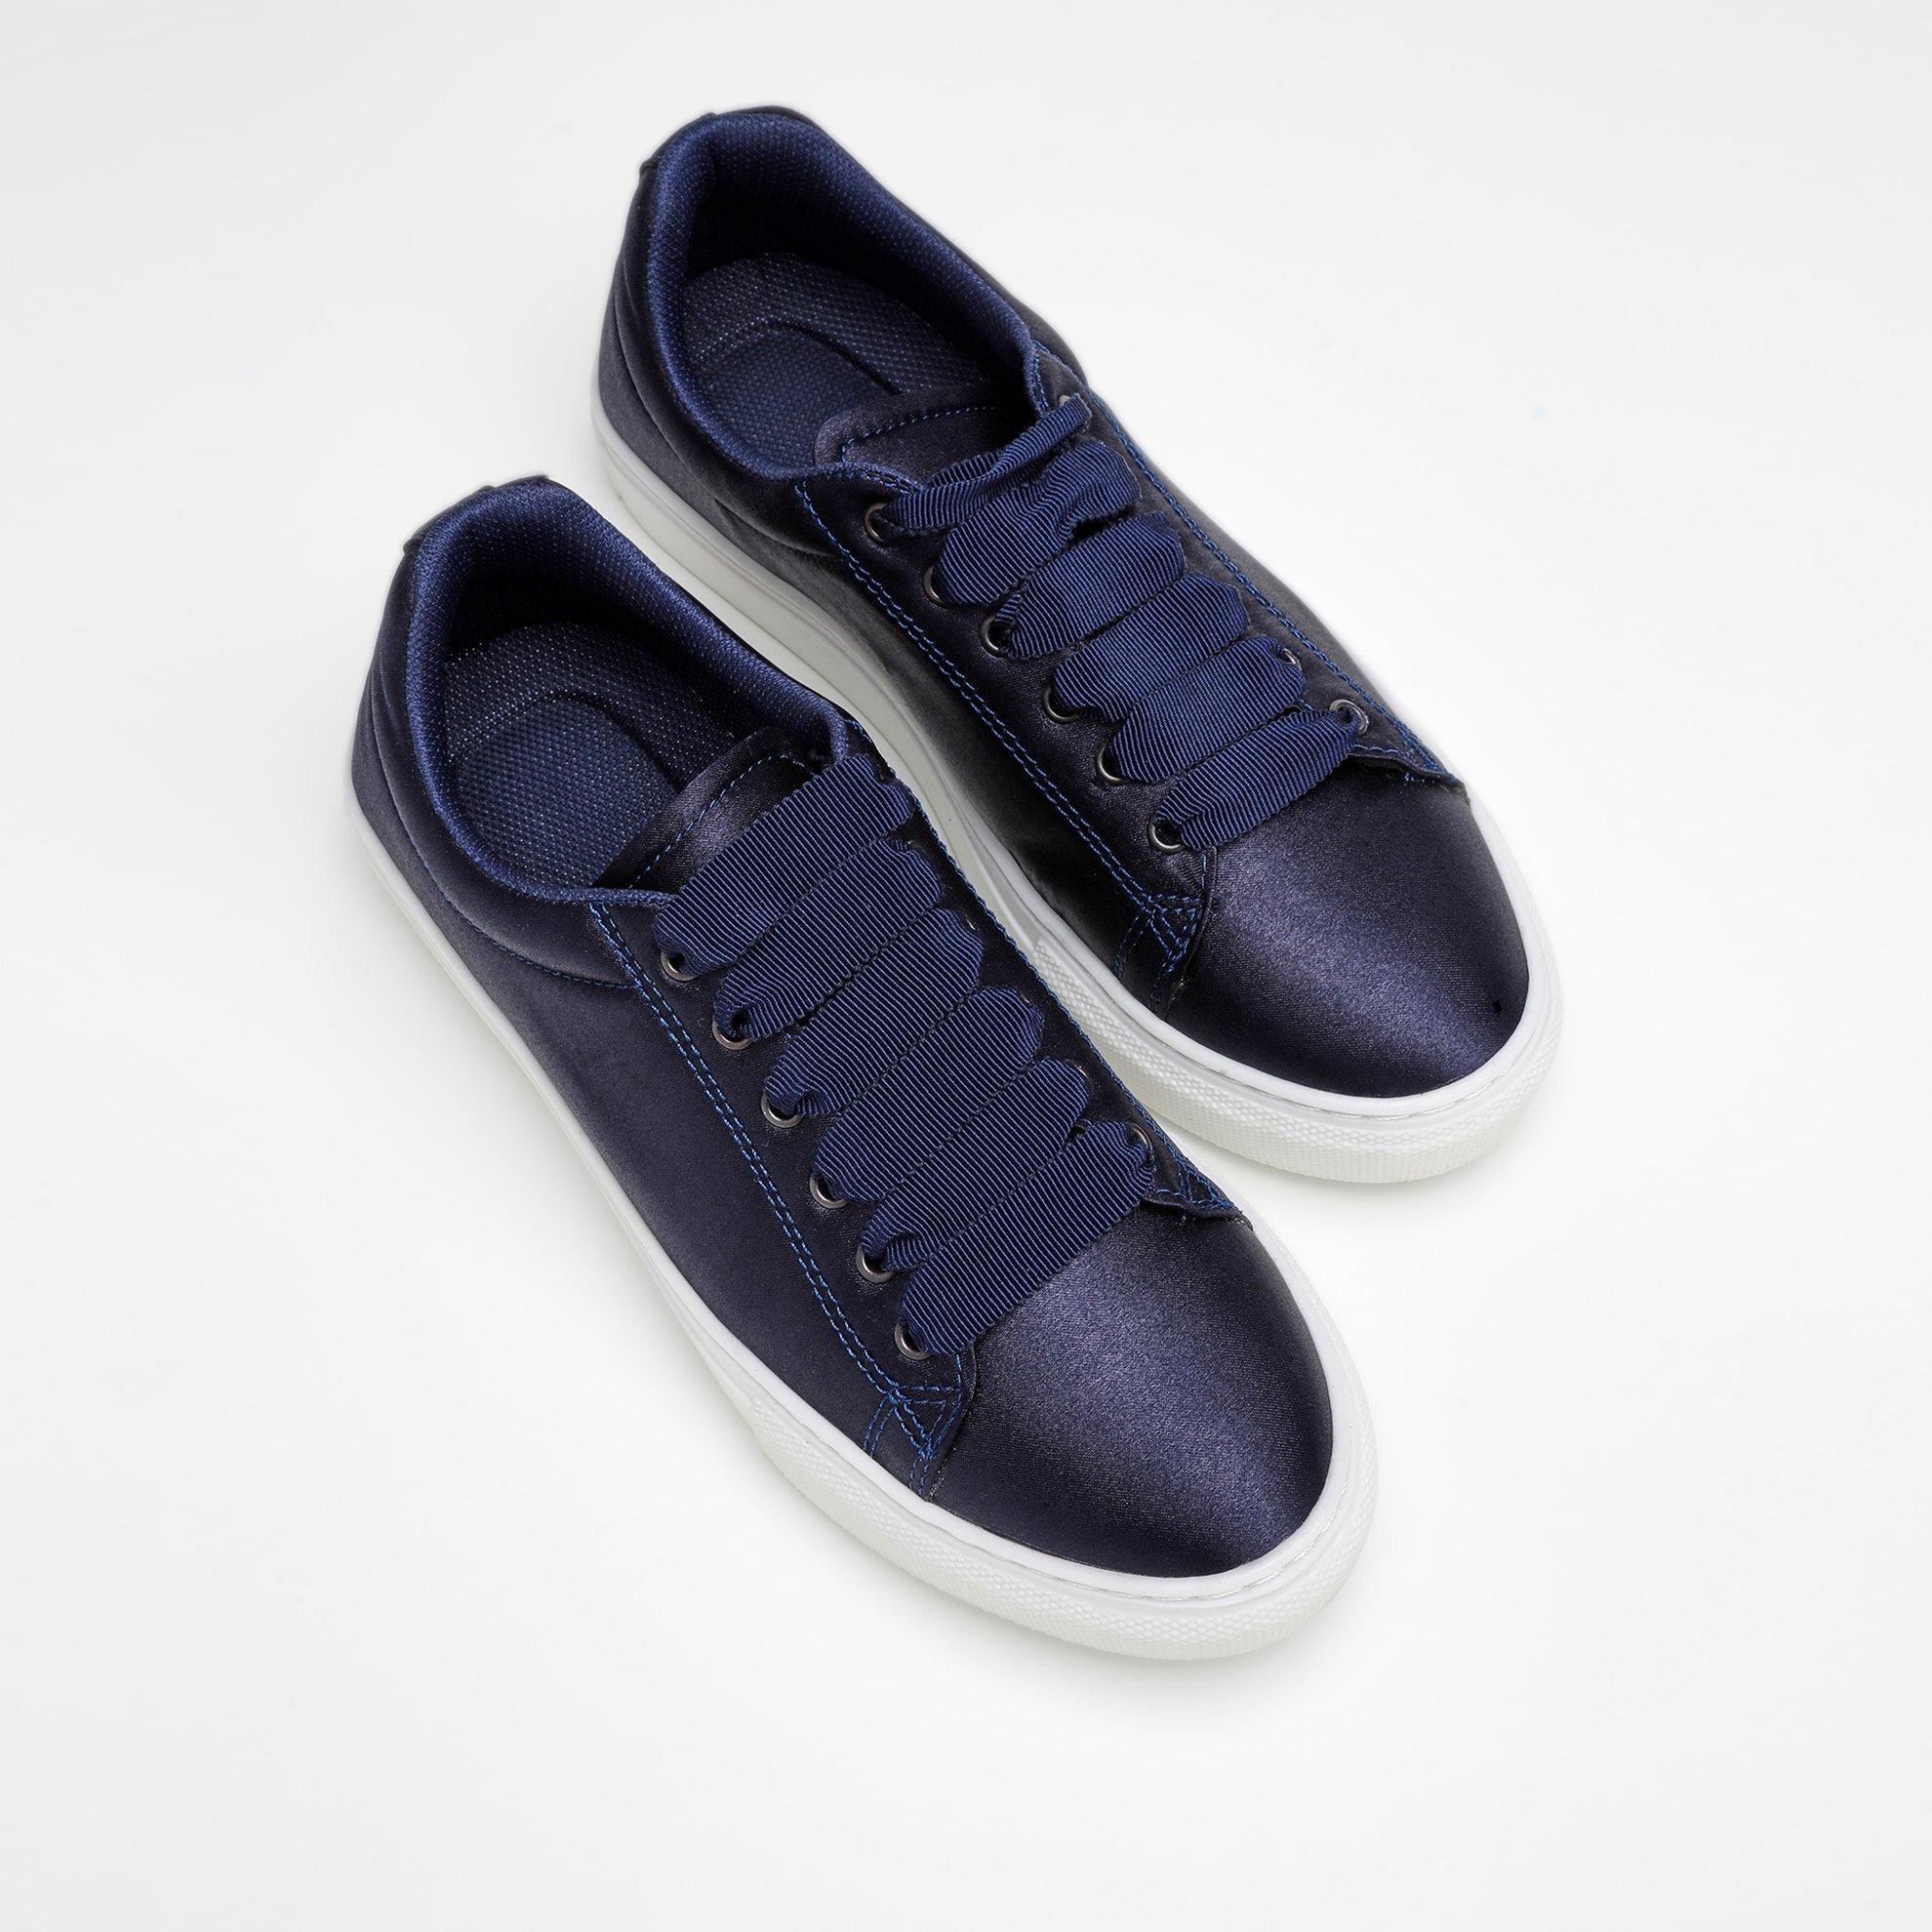 Saten Kumaş Spor Ayakkabı